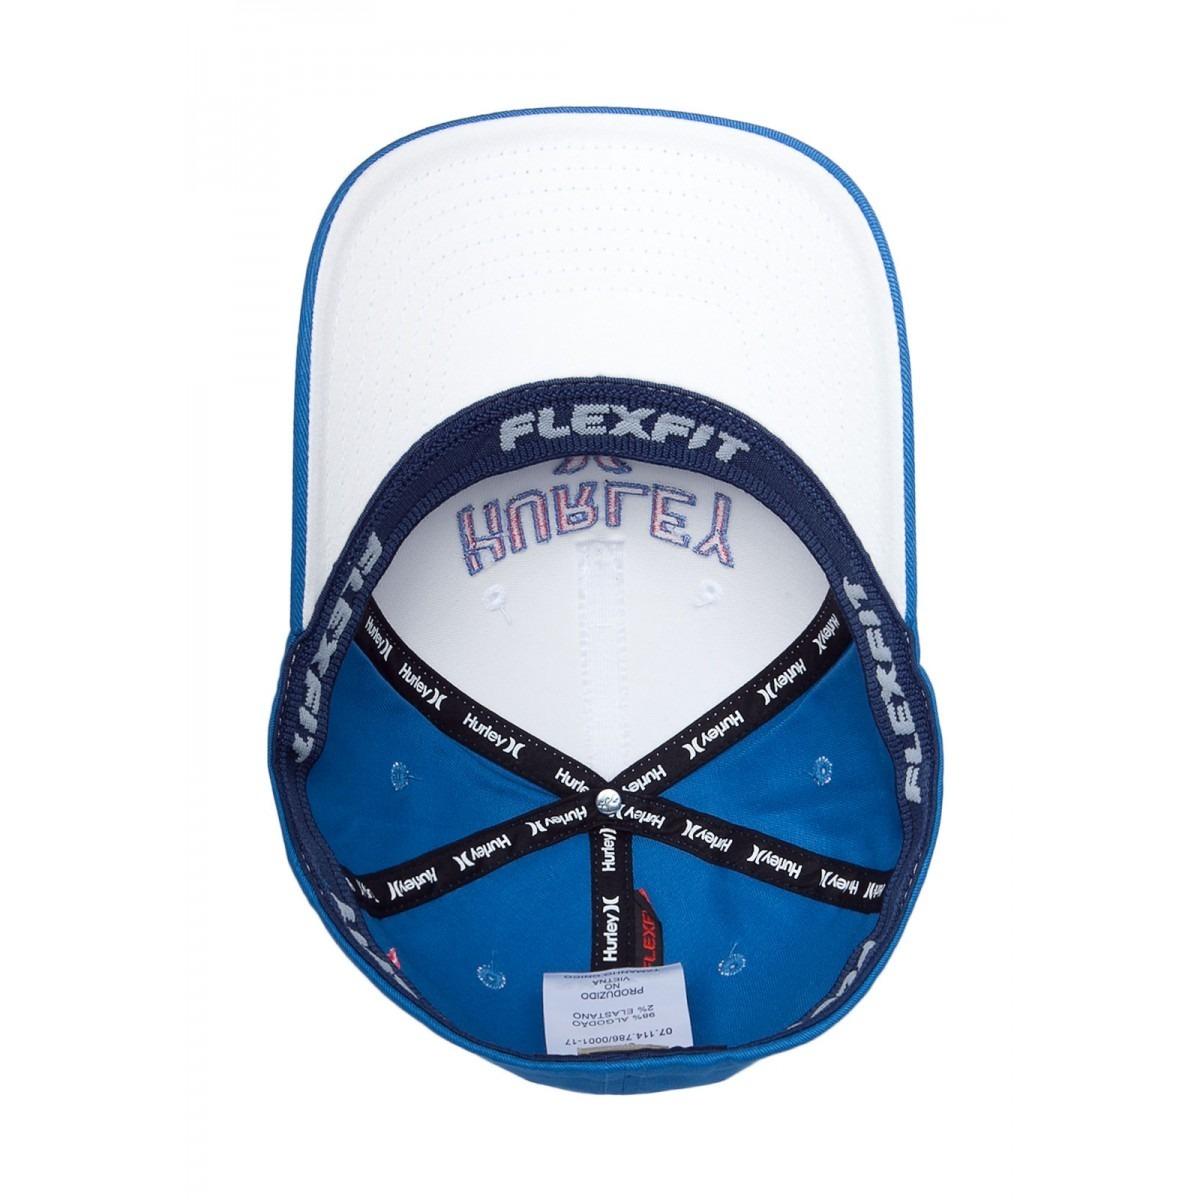 Carregando zoom... boné hurley logo azul e branco masculino original b37db141c02